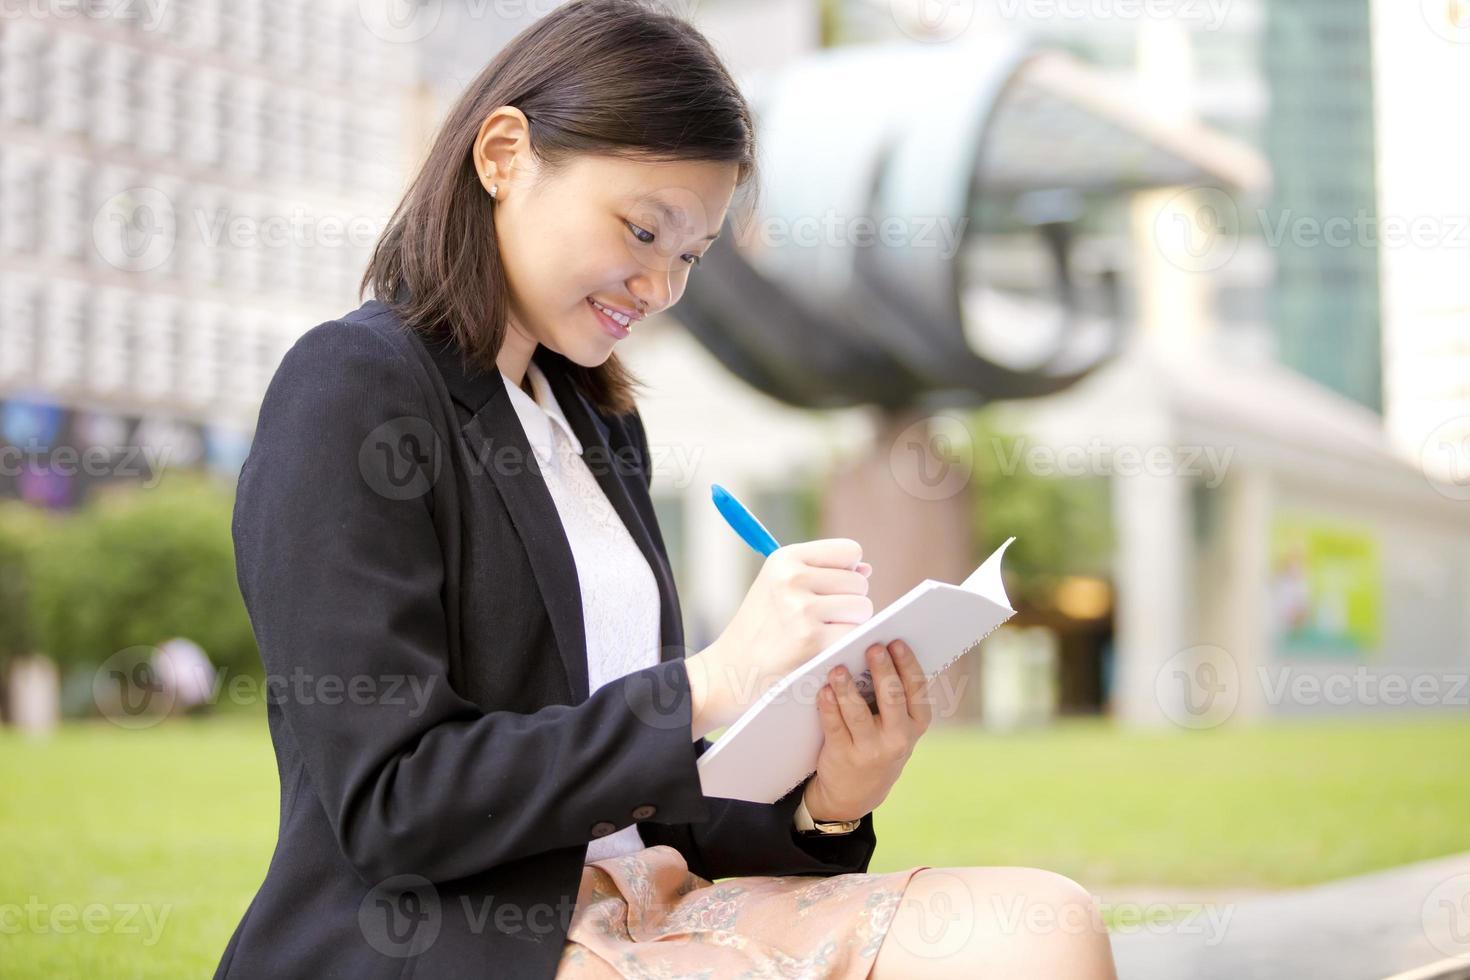 giovane femmina asiatica business executive scrivendo sul blocco note foto